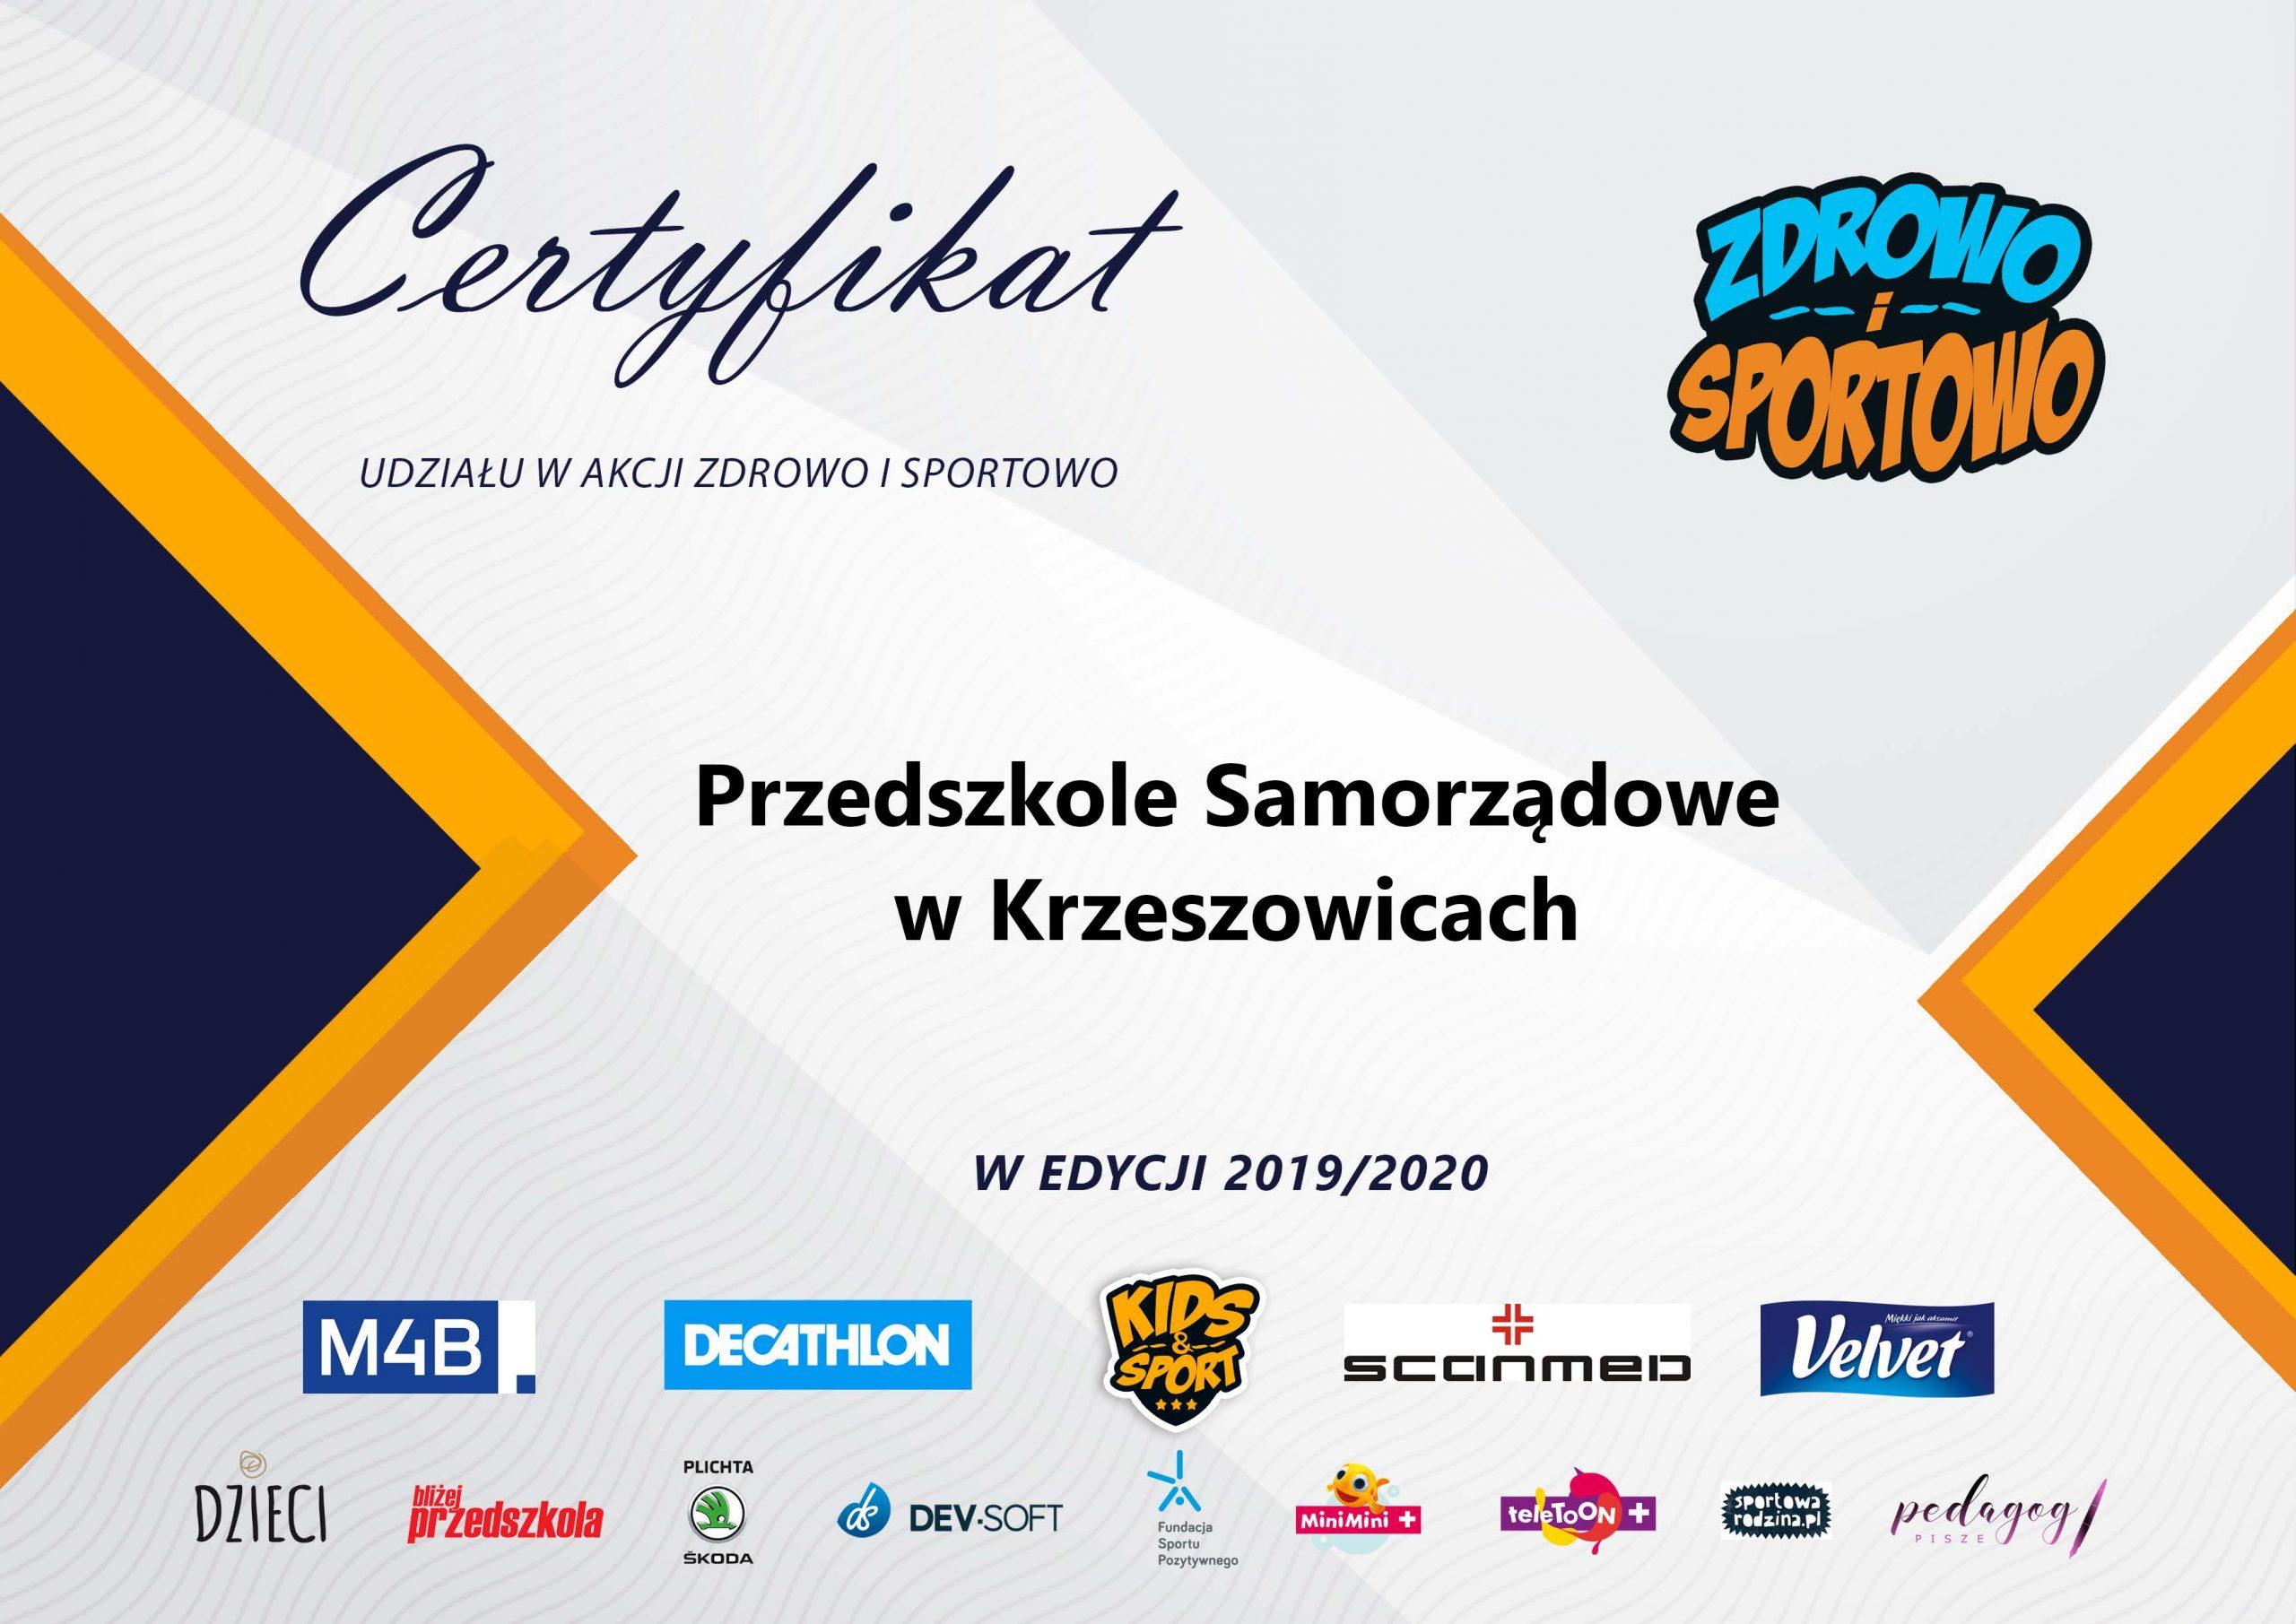 Certyfikat Zdrowo i Sportowo